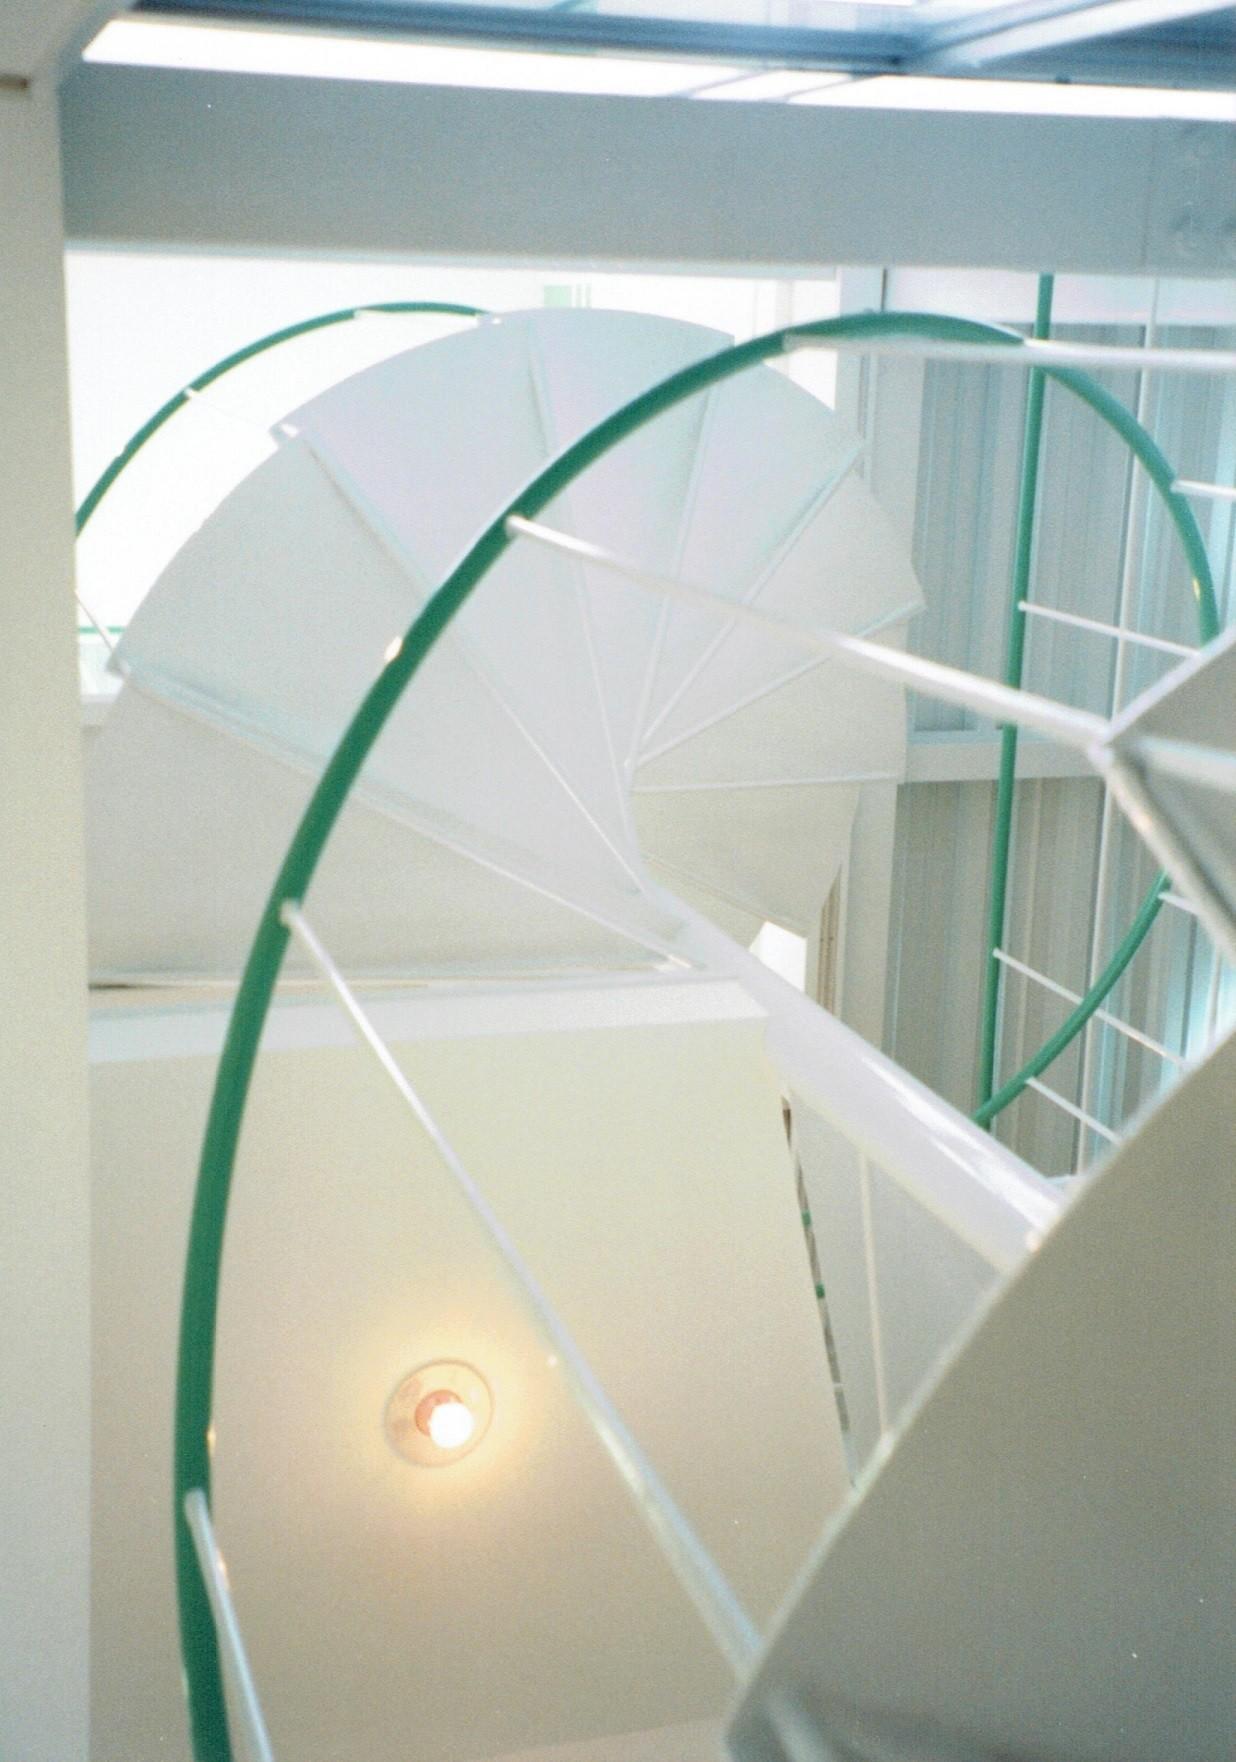 その他事例:空間の広がりを工夫した、らせん階段を見上げる(ポップなカラーの子供が楽しむ鉄骨構造の狭小住宅(Kid`s House):天井が高い住まい)